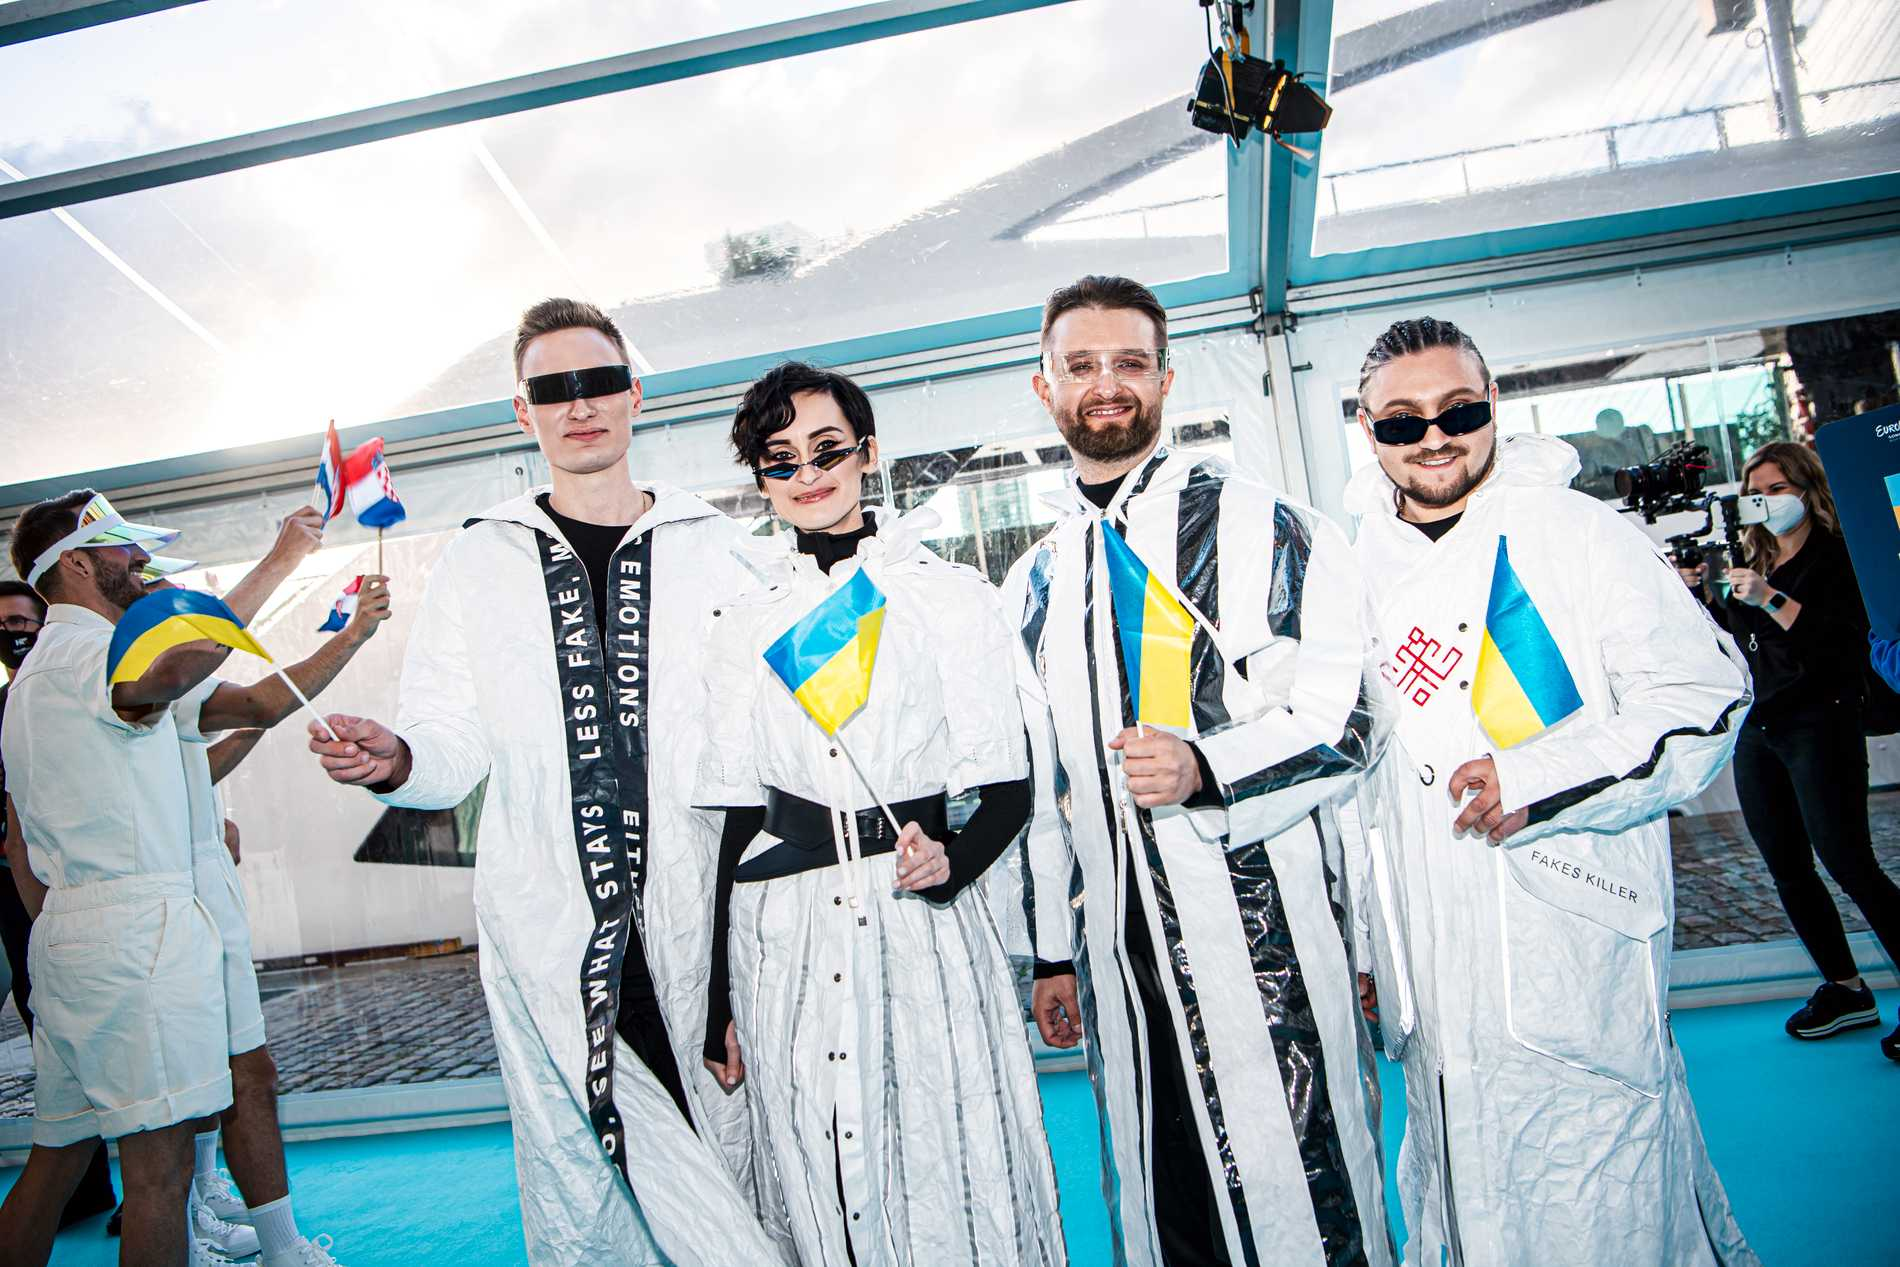 Go A under öppningsceremonin i Eurovision.